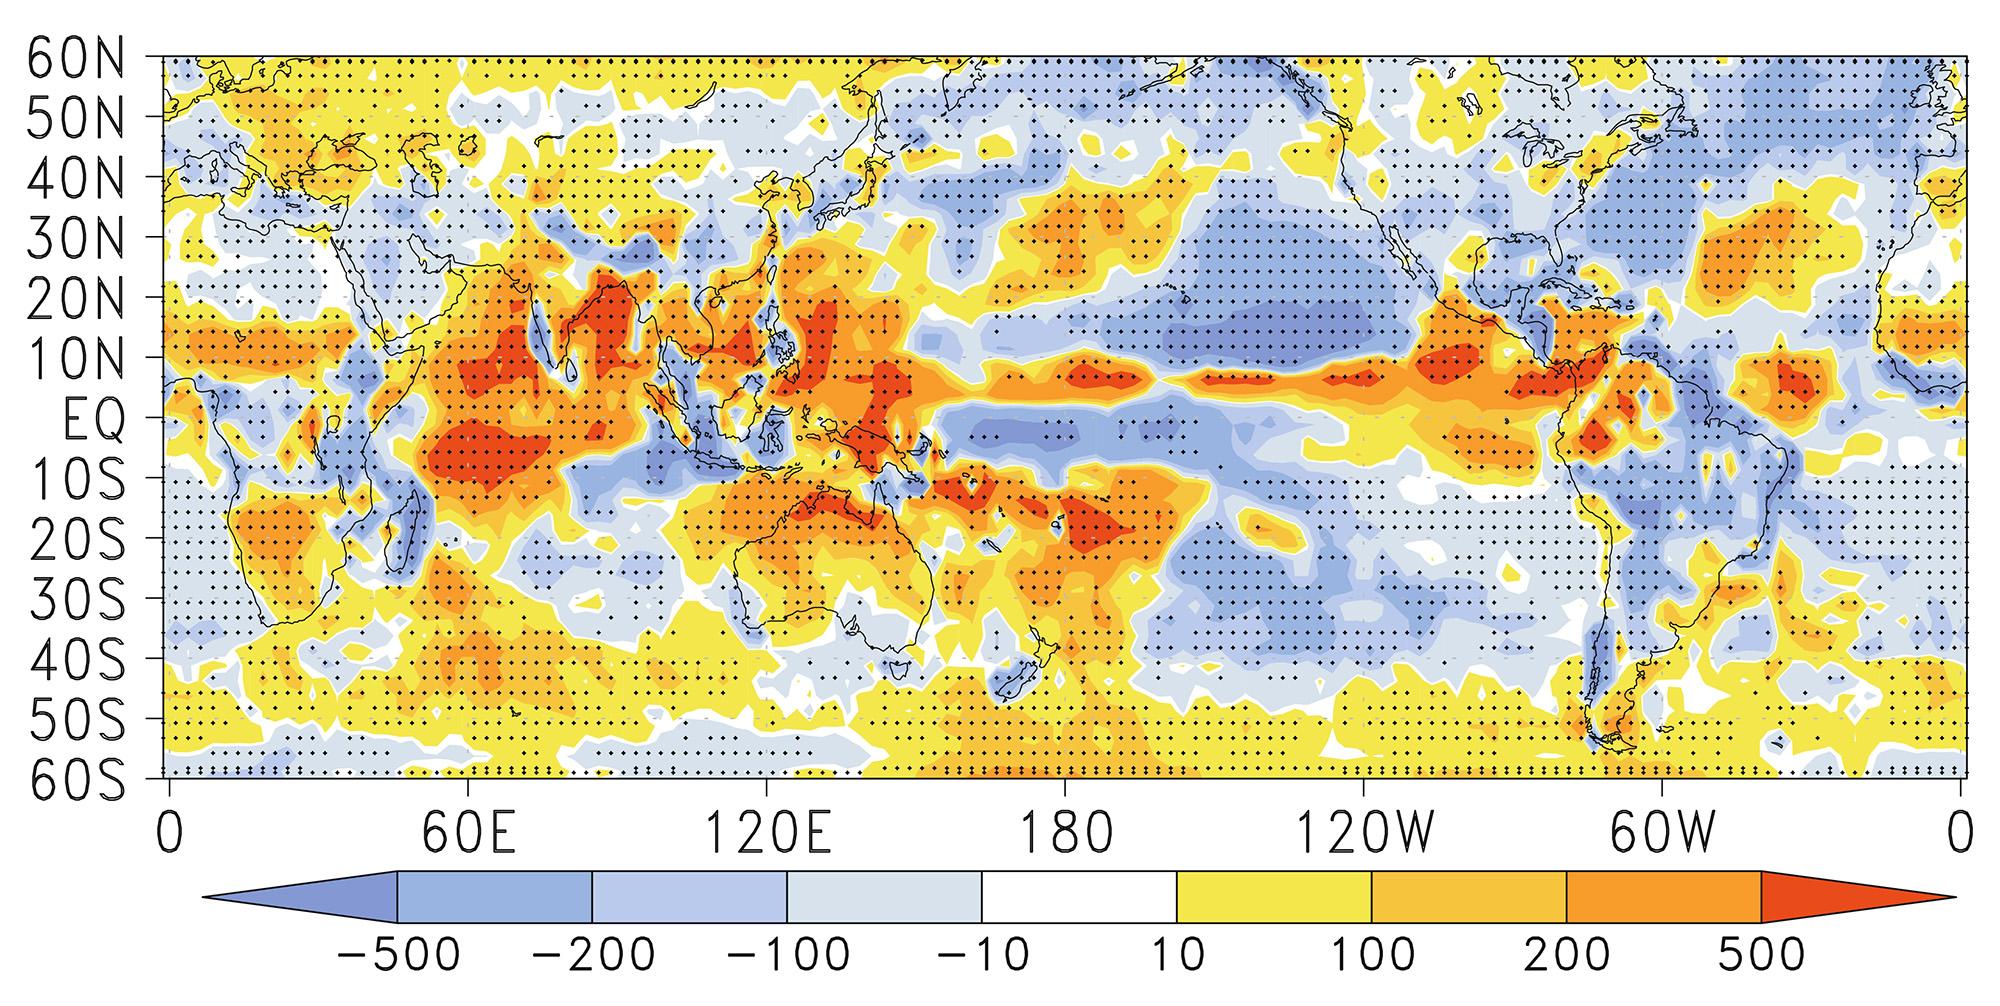 美國、加拿大東部、中東、和南美洲東部地區,呈現明顯的乾燥趨勢。同時,澳洲北部、南非、印度西部、中國西部地區,則呈現明顯的降雨增加。(縱軸為緯度;色條為年度總降雨量趨勢,單位 mm K−1) 圖│Liu, R., Liu, S.C., Shiu, CJ. et al. Adv. Atmos. Sci. (2016) 33: 164.